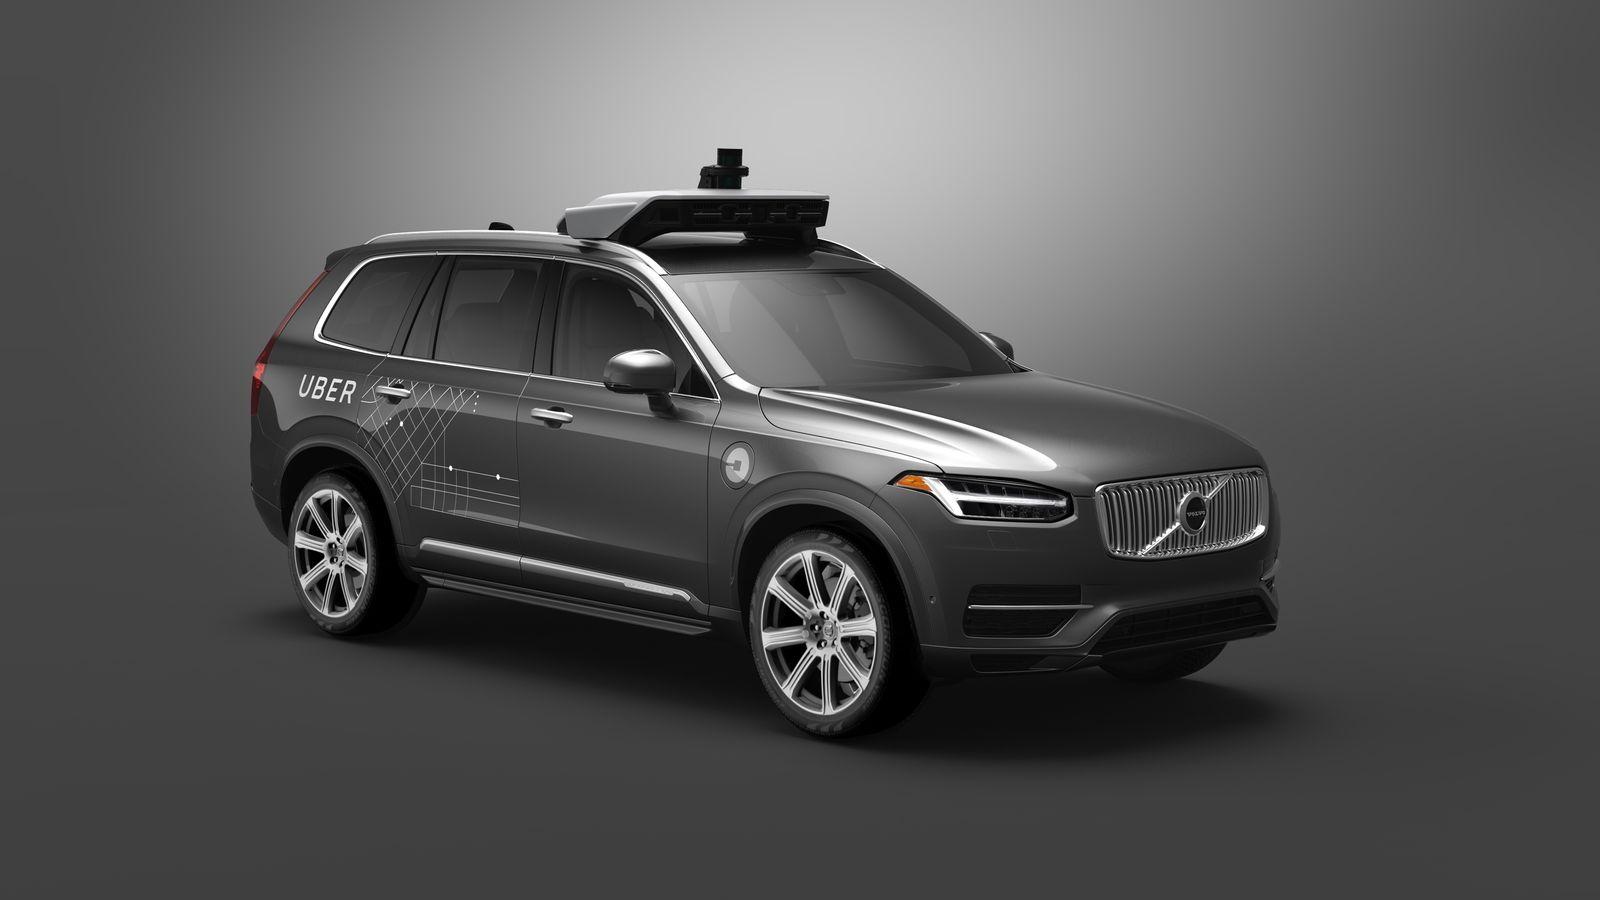 Uber / Selbstfahrendes Auto / Volvo XC90 P2